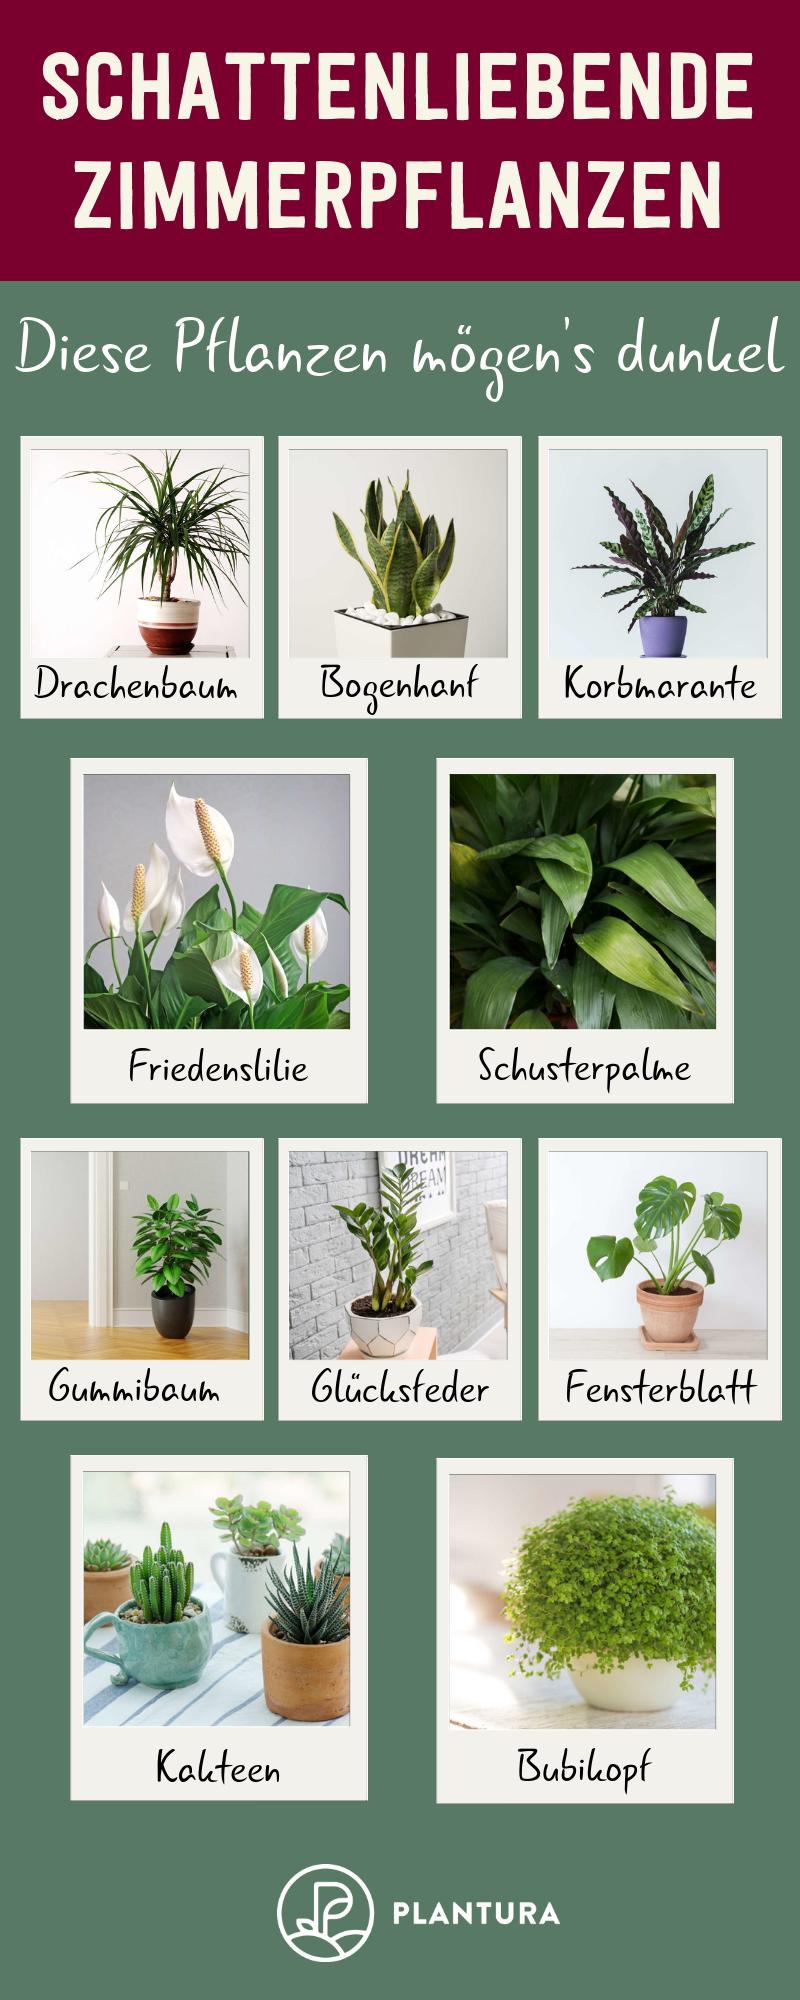 Schattenliebende Zimmerpflanzen: Unsere Top 10 #exteriordecor